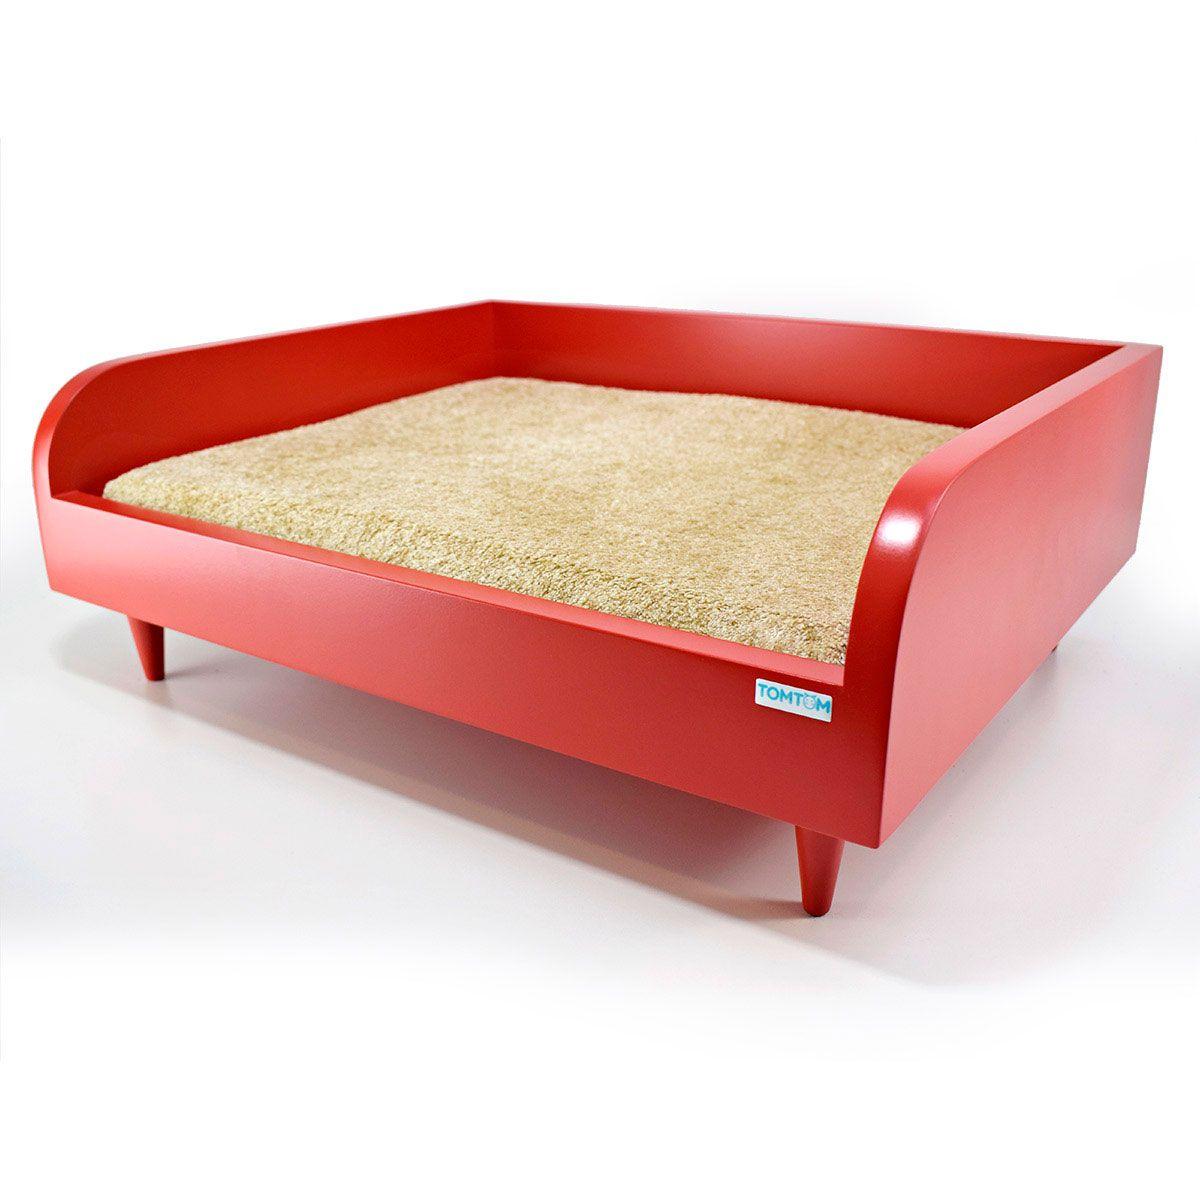 Sofá para Cachorro Tomtom Vermelho com Almofada Bege - M